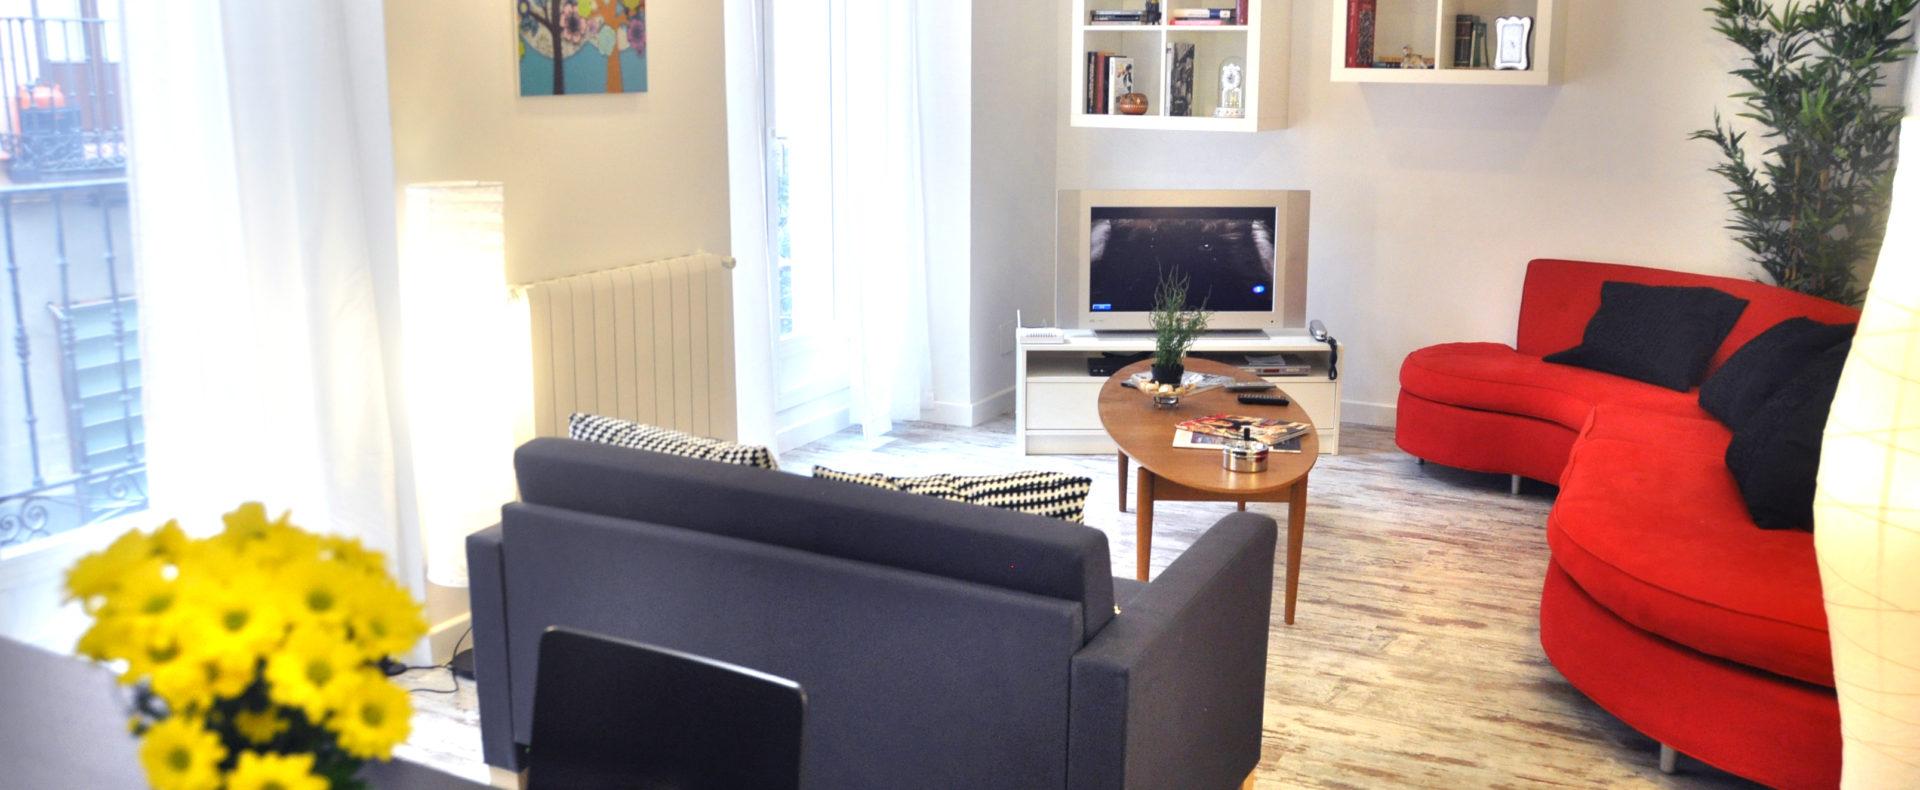 Alquiler de apartamentos por d as en madrid rentapart magazine - Apartamentos madrid centro por dias ...